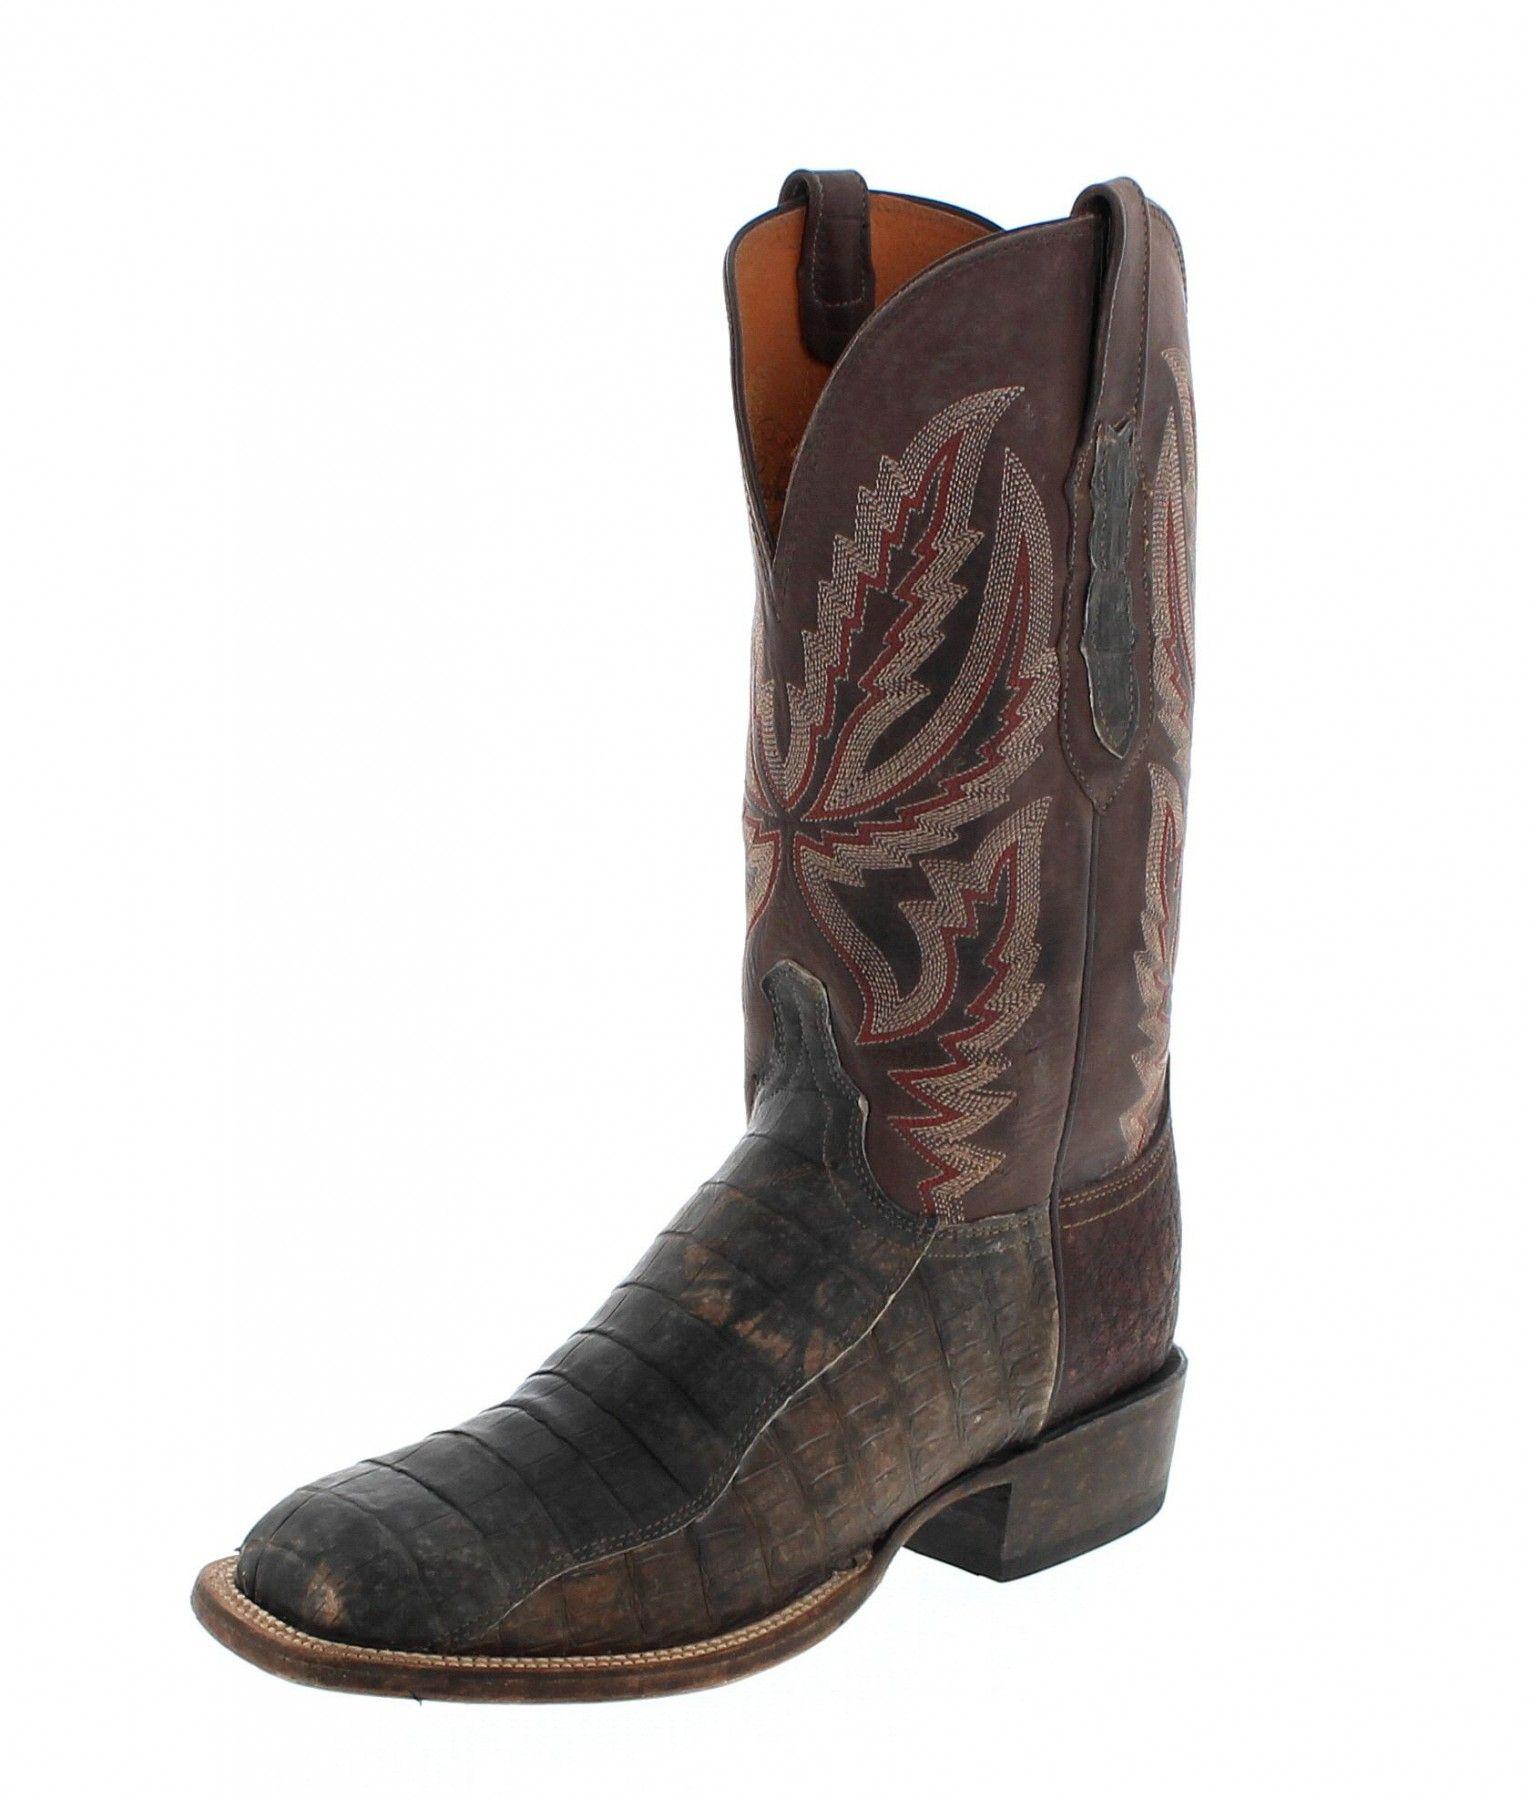 Sendra Boots Stiefel 9263 Tang Westernreitstiefel mit Schafsfellfutter